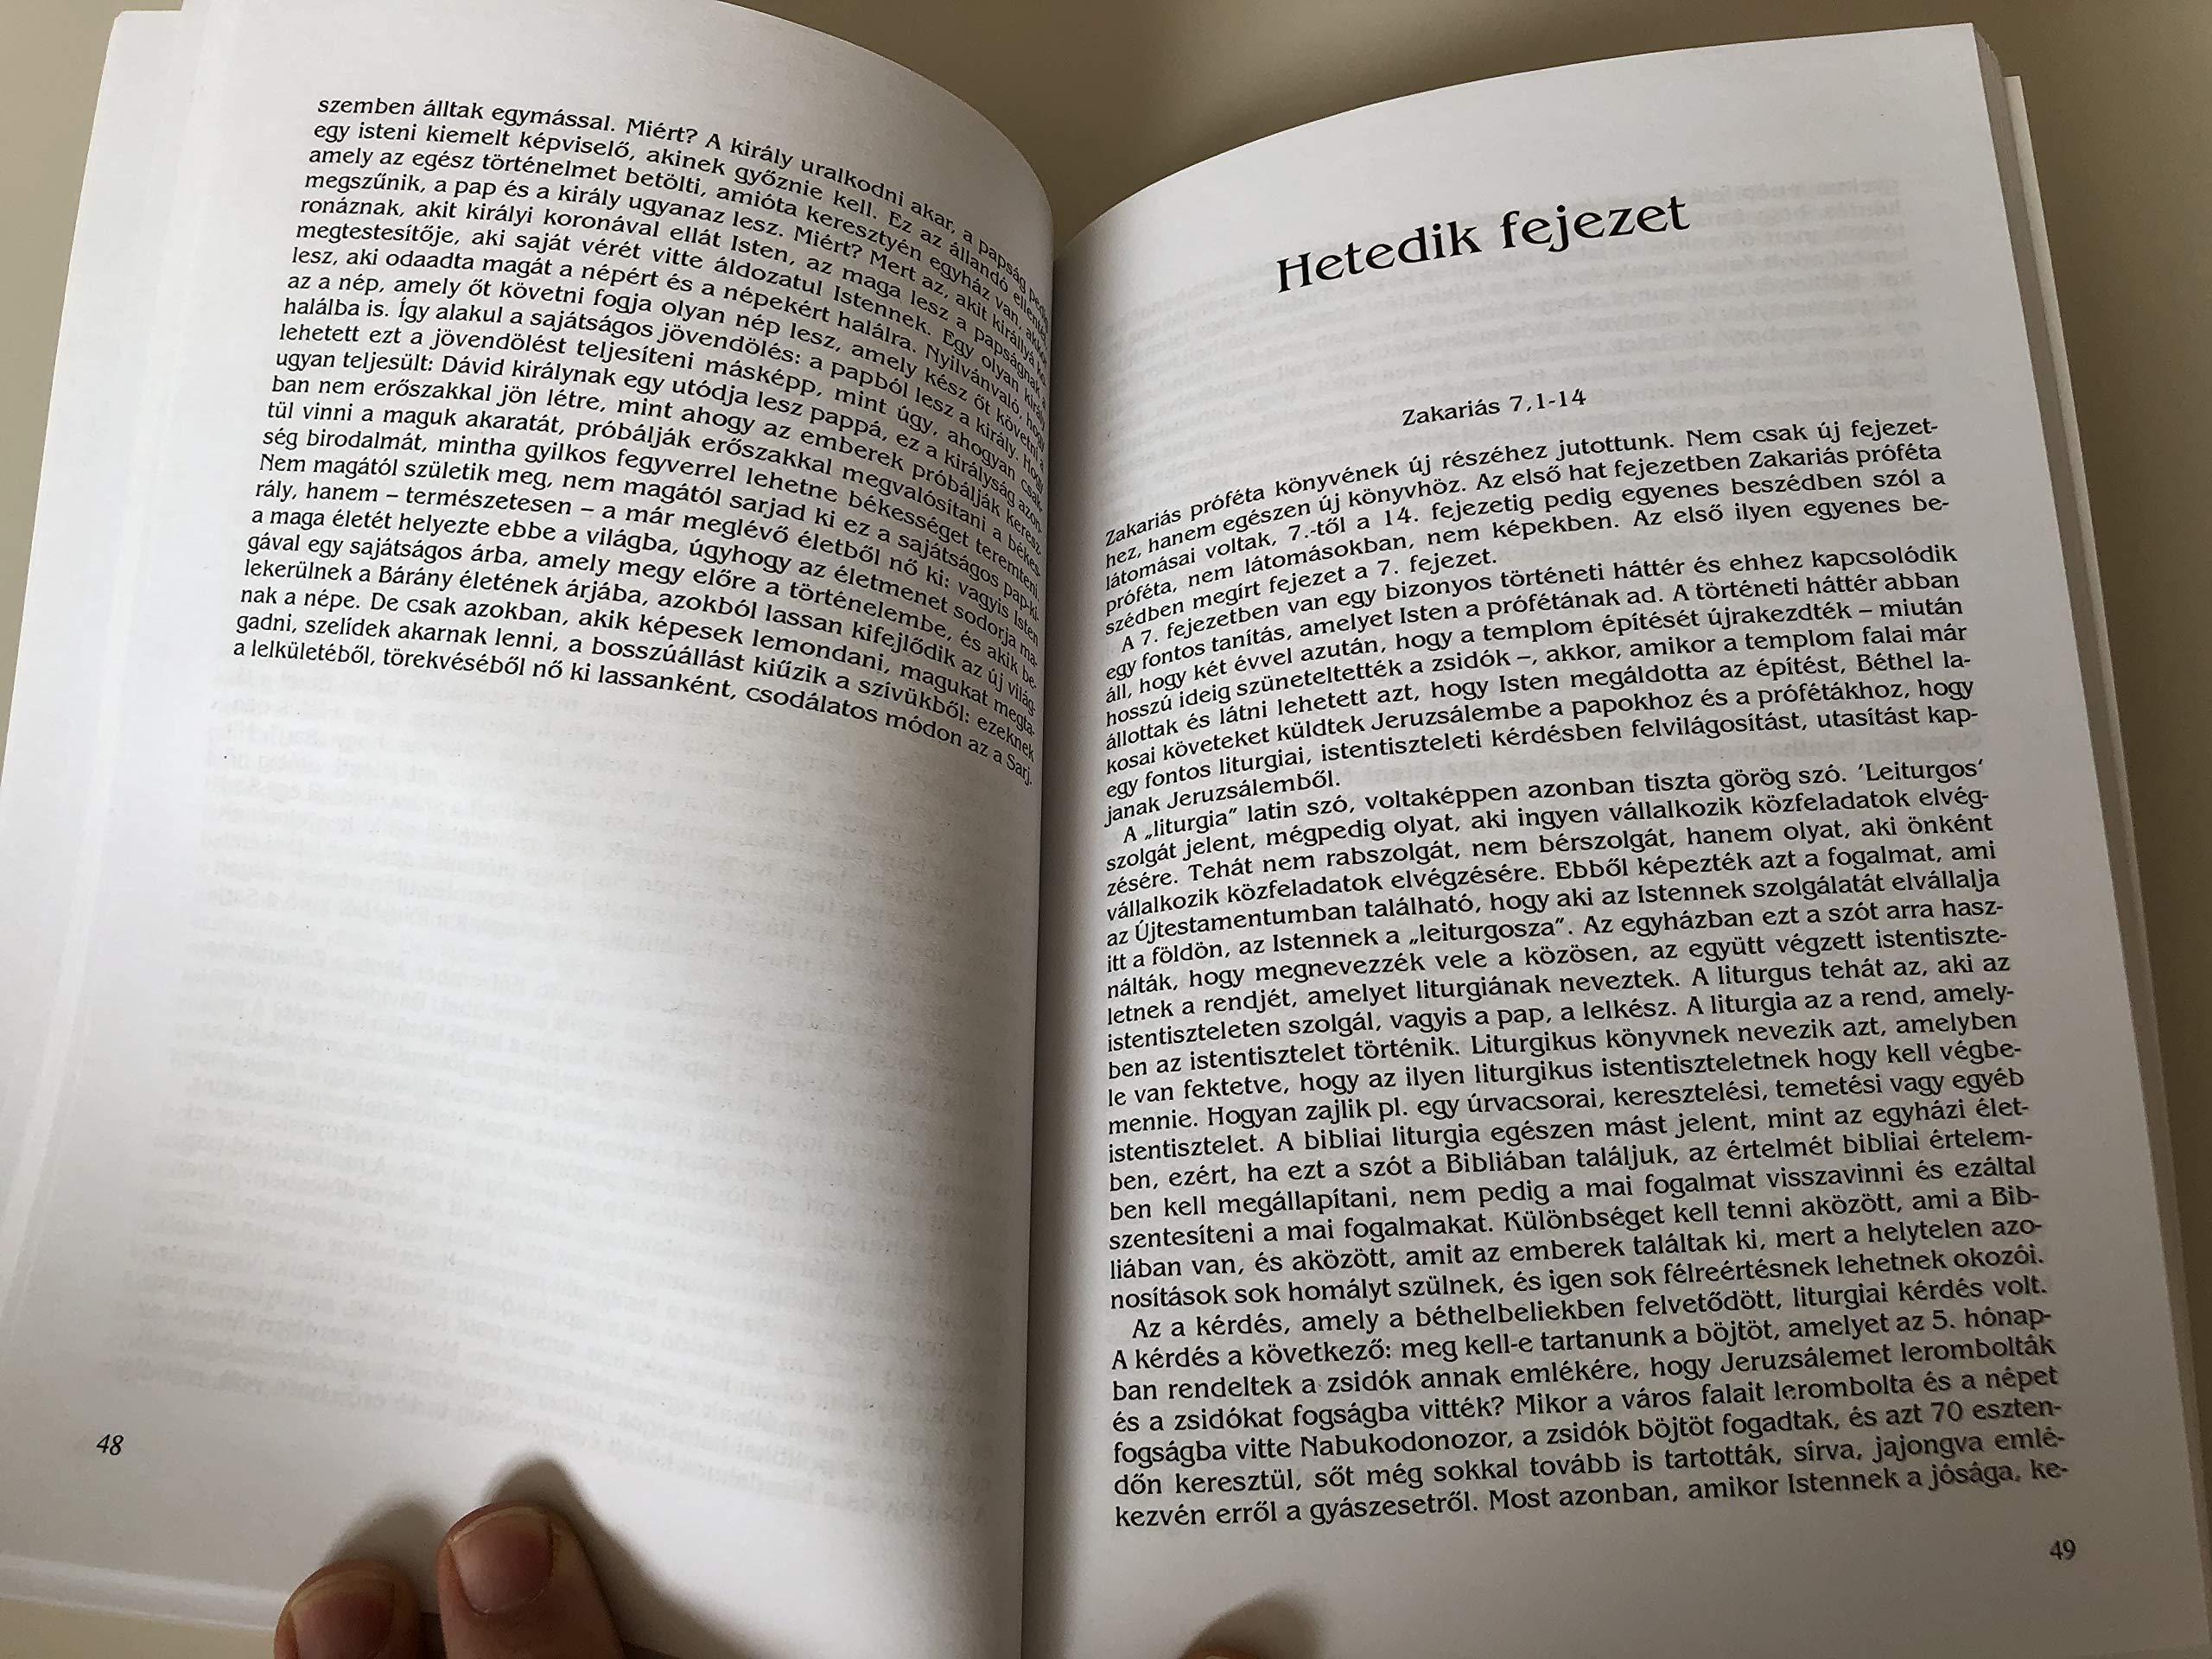 fascioliasis történelmi háttér)